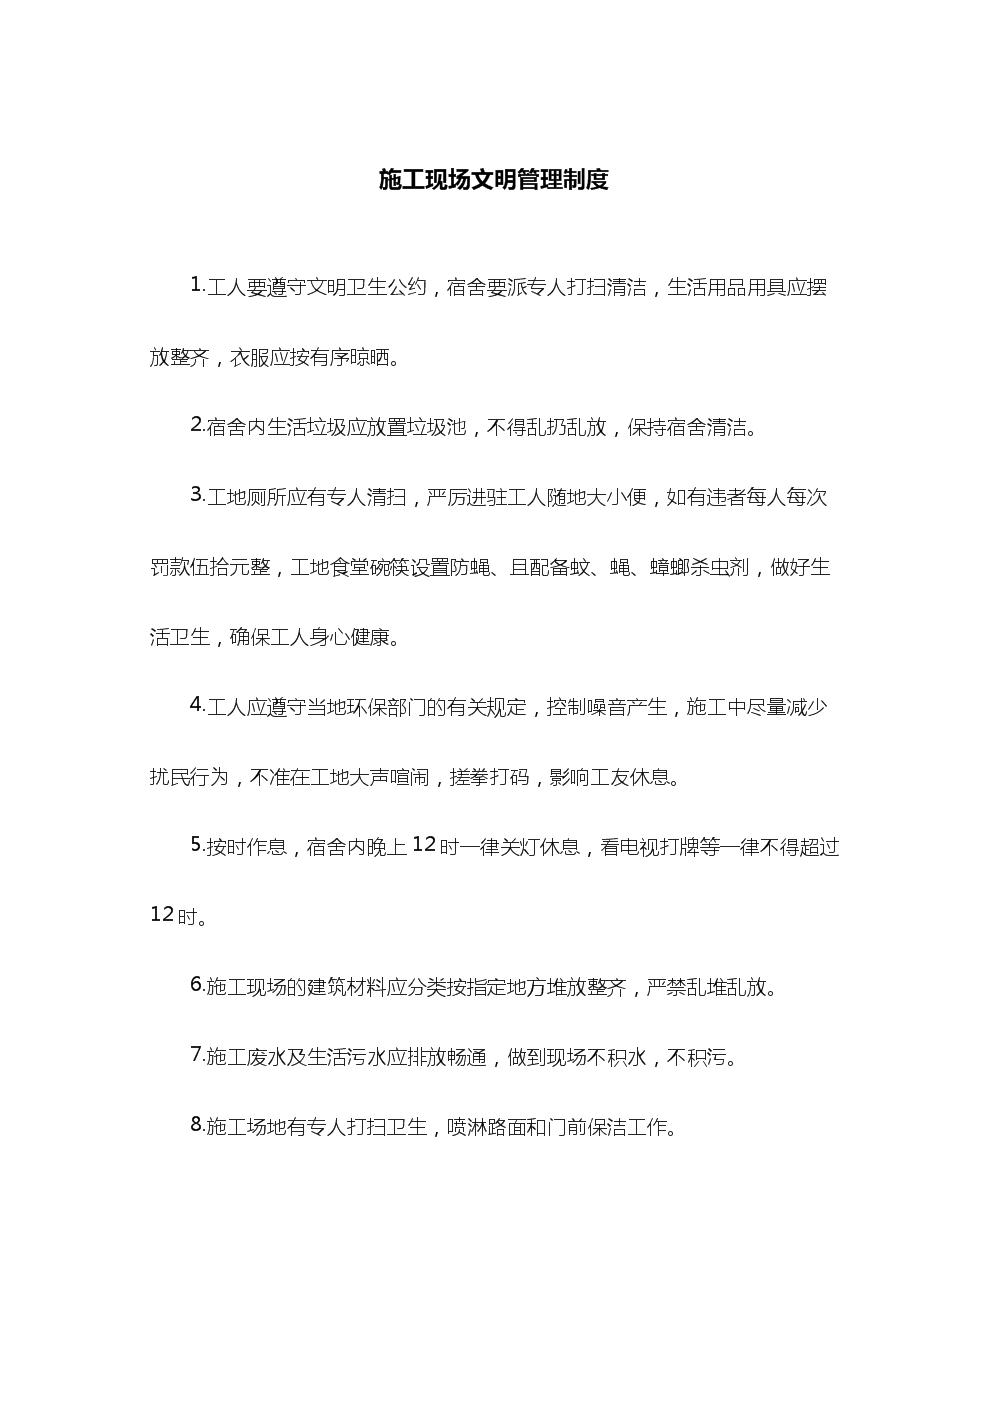 施工现场文明管理制度.docx